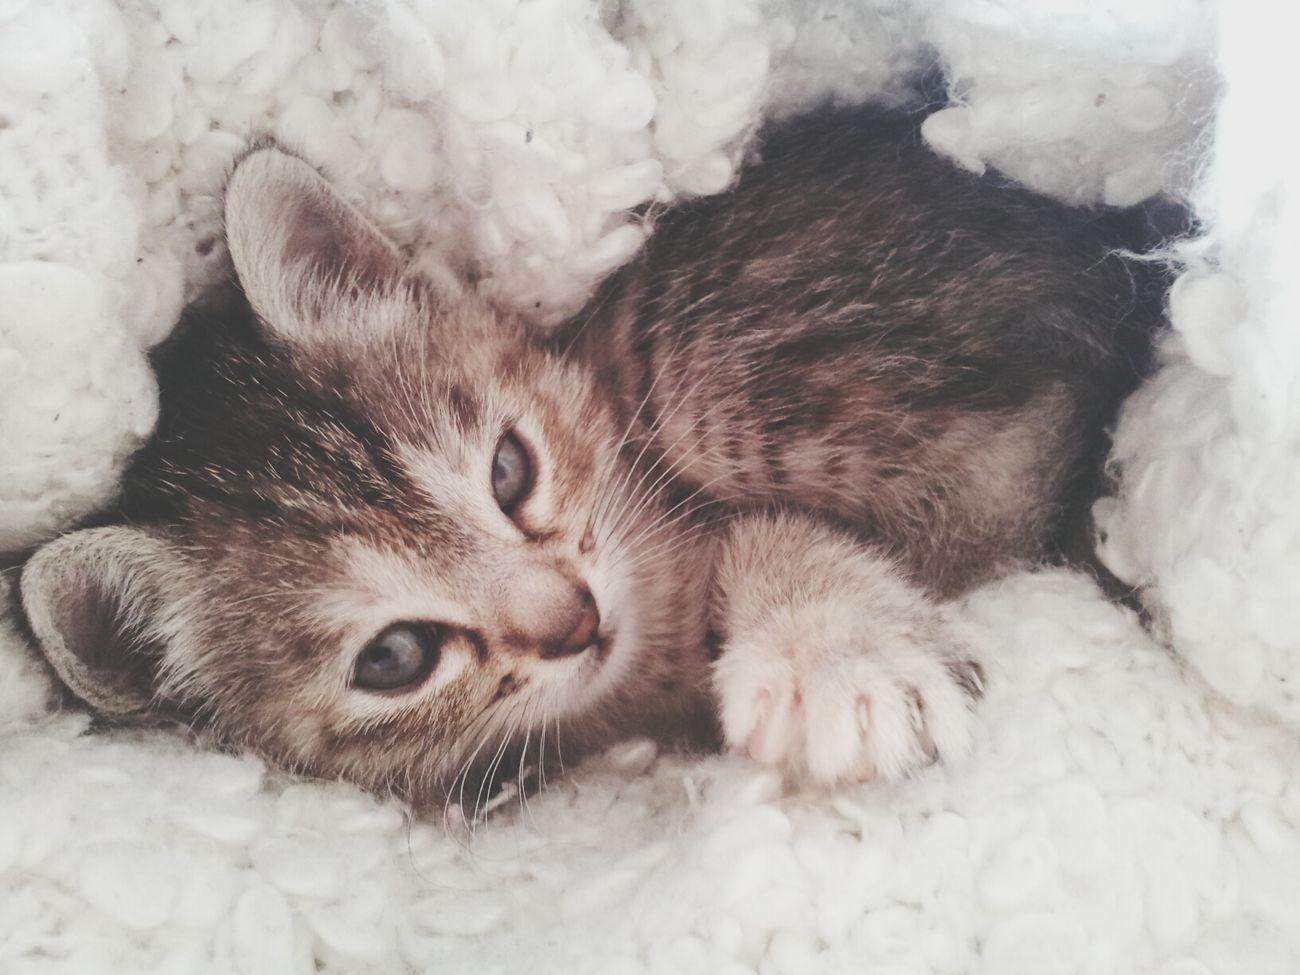 《paresse matinale》 Taking Photos Kattycat Tala